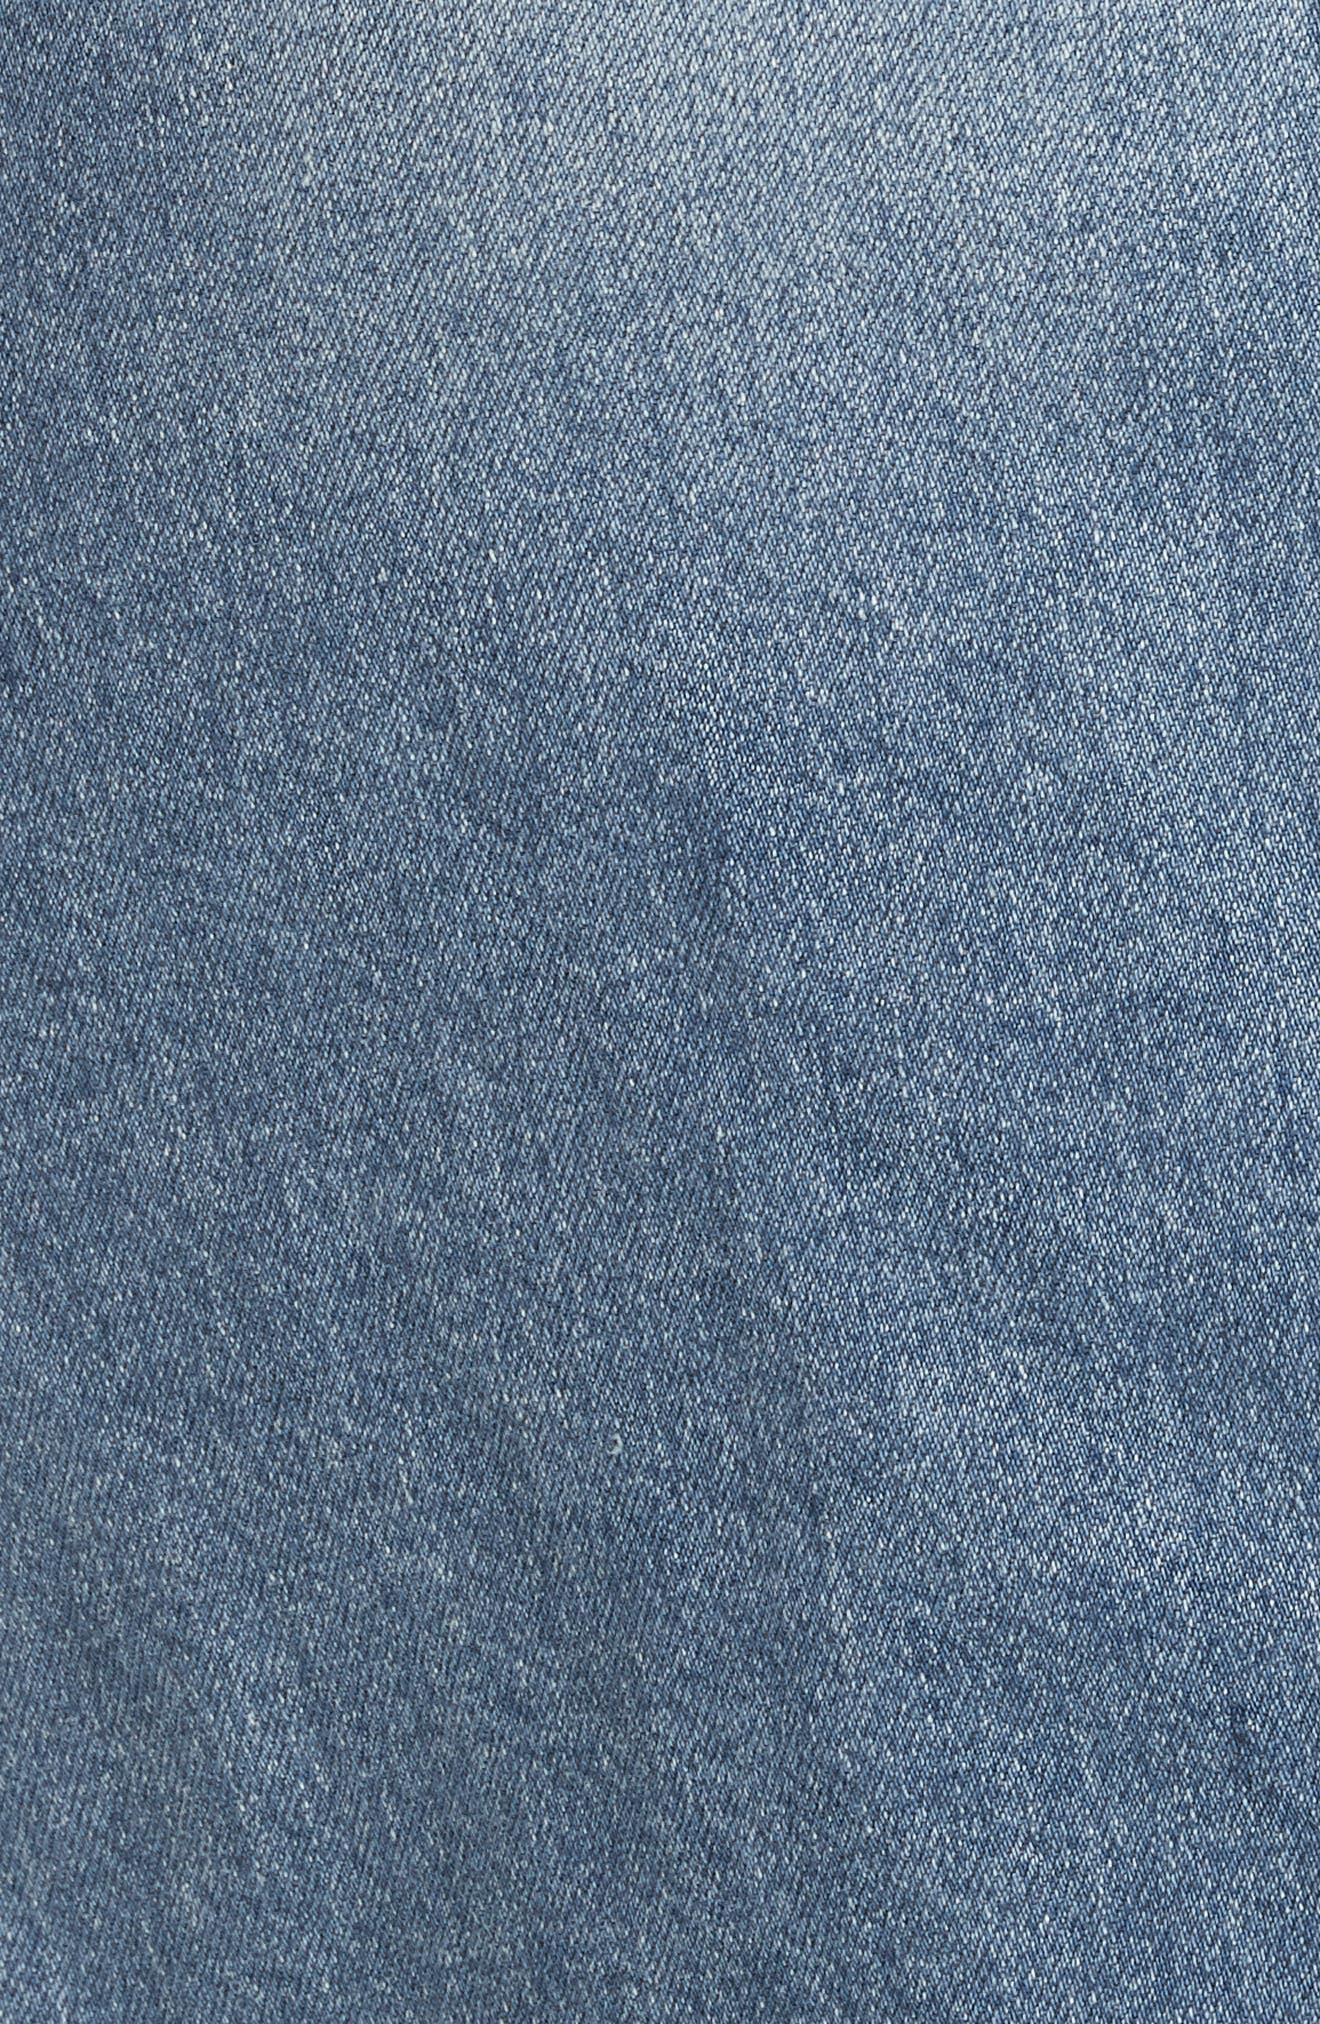 Front Slit Denim Skirt,                             Alternate thumbnail 5, color,                             400